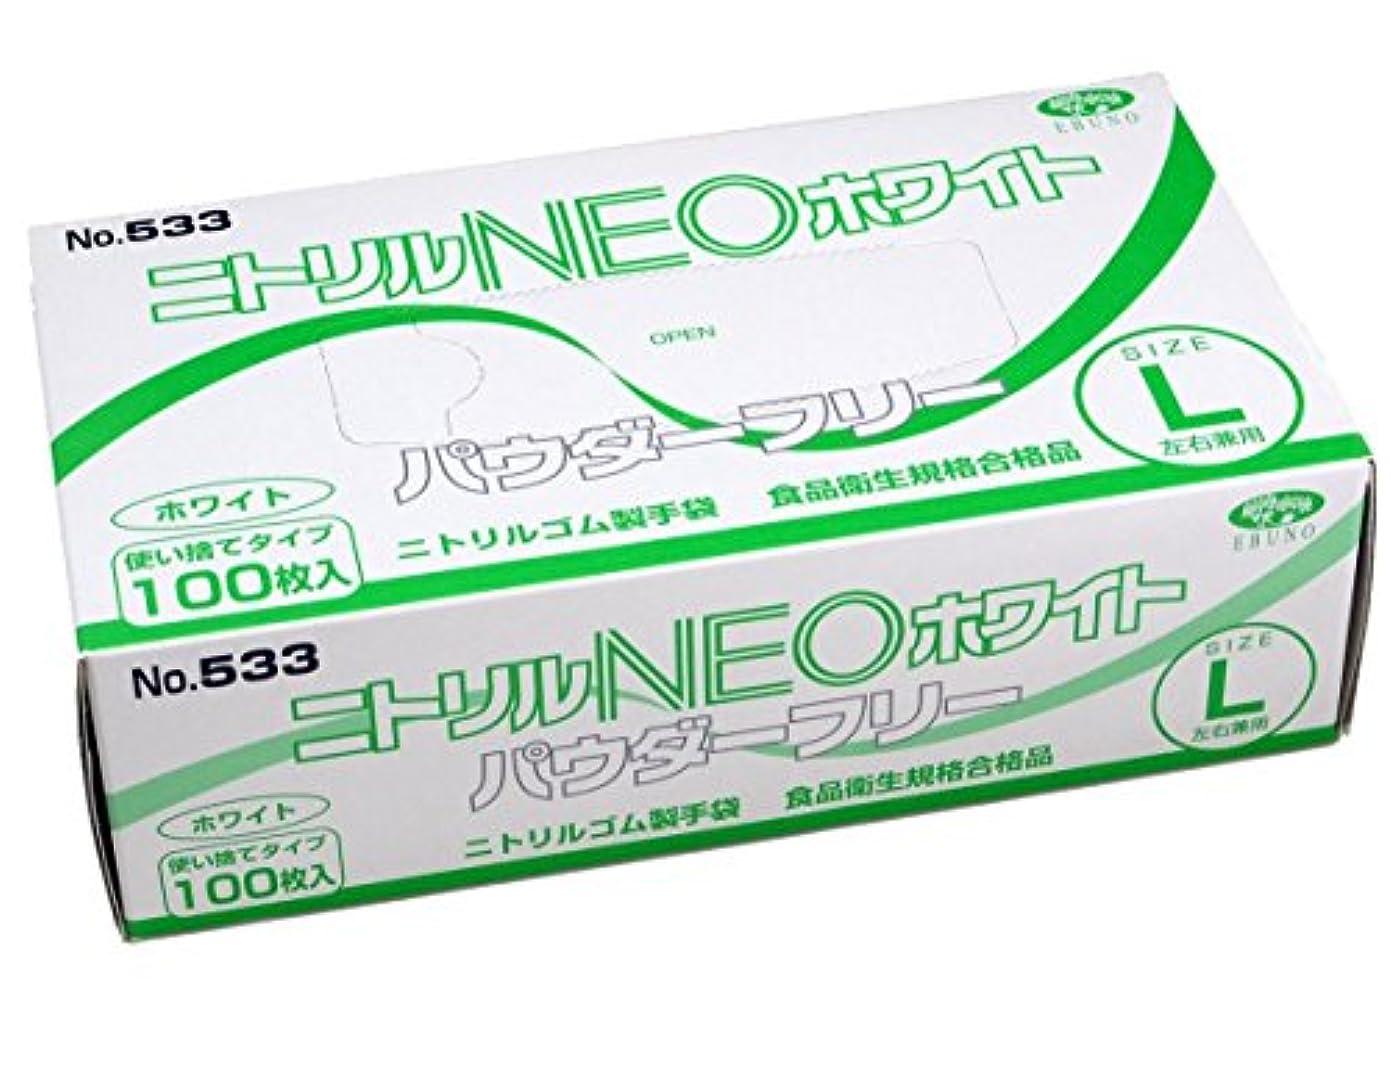 触手ロケット拡散する使い捨て手袋 ニトリル NEO ホワイト パウダーフリー 手袋 L